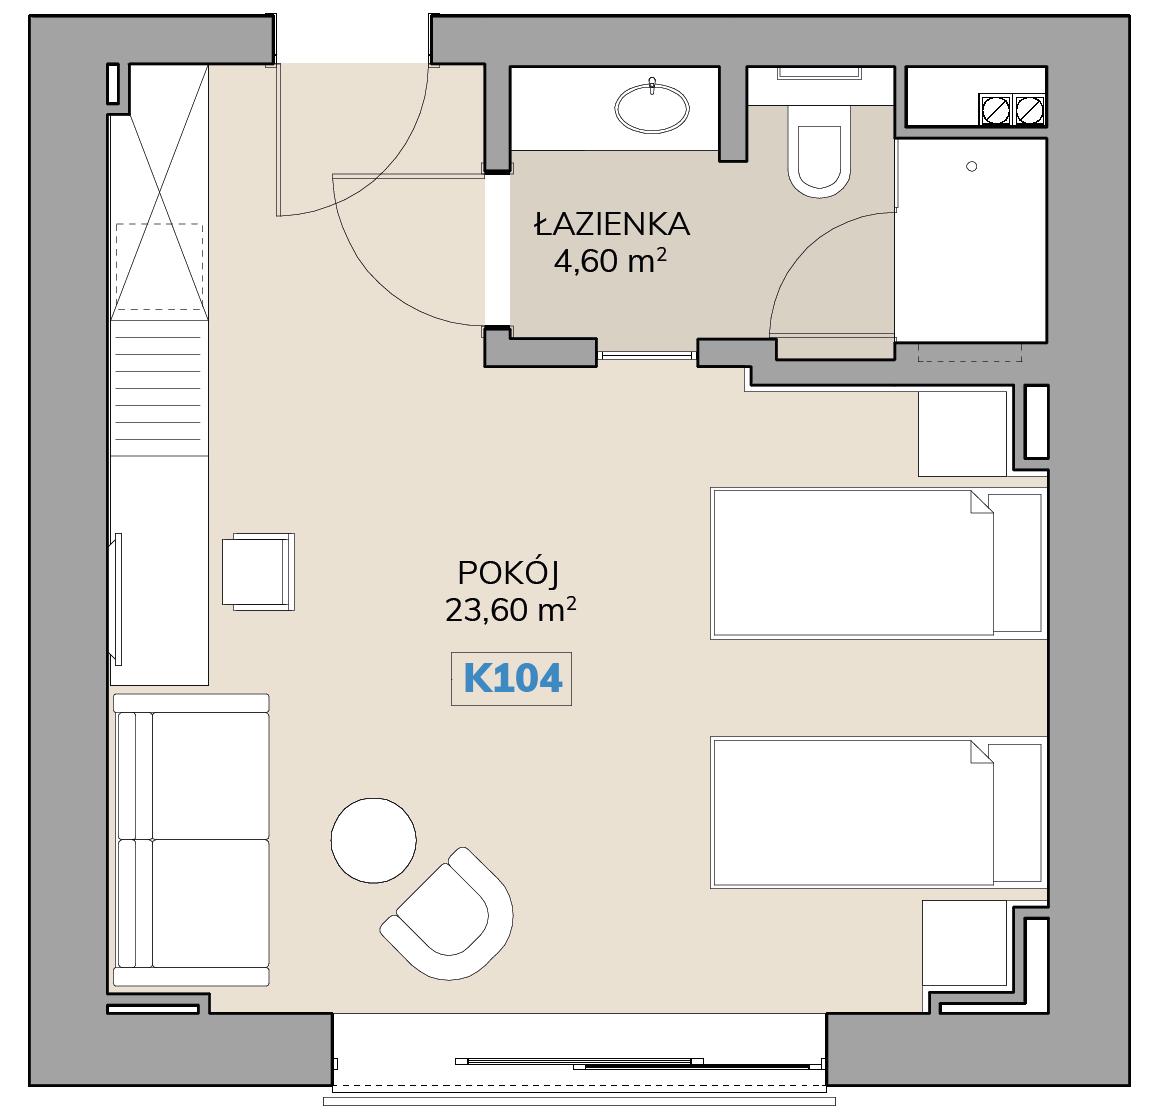 Apartament K104